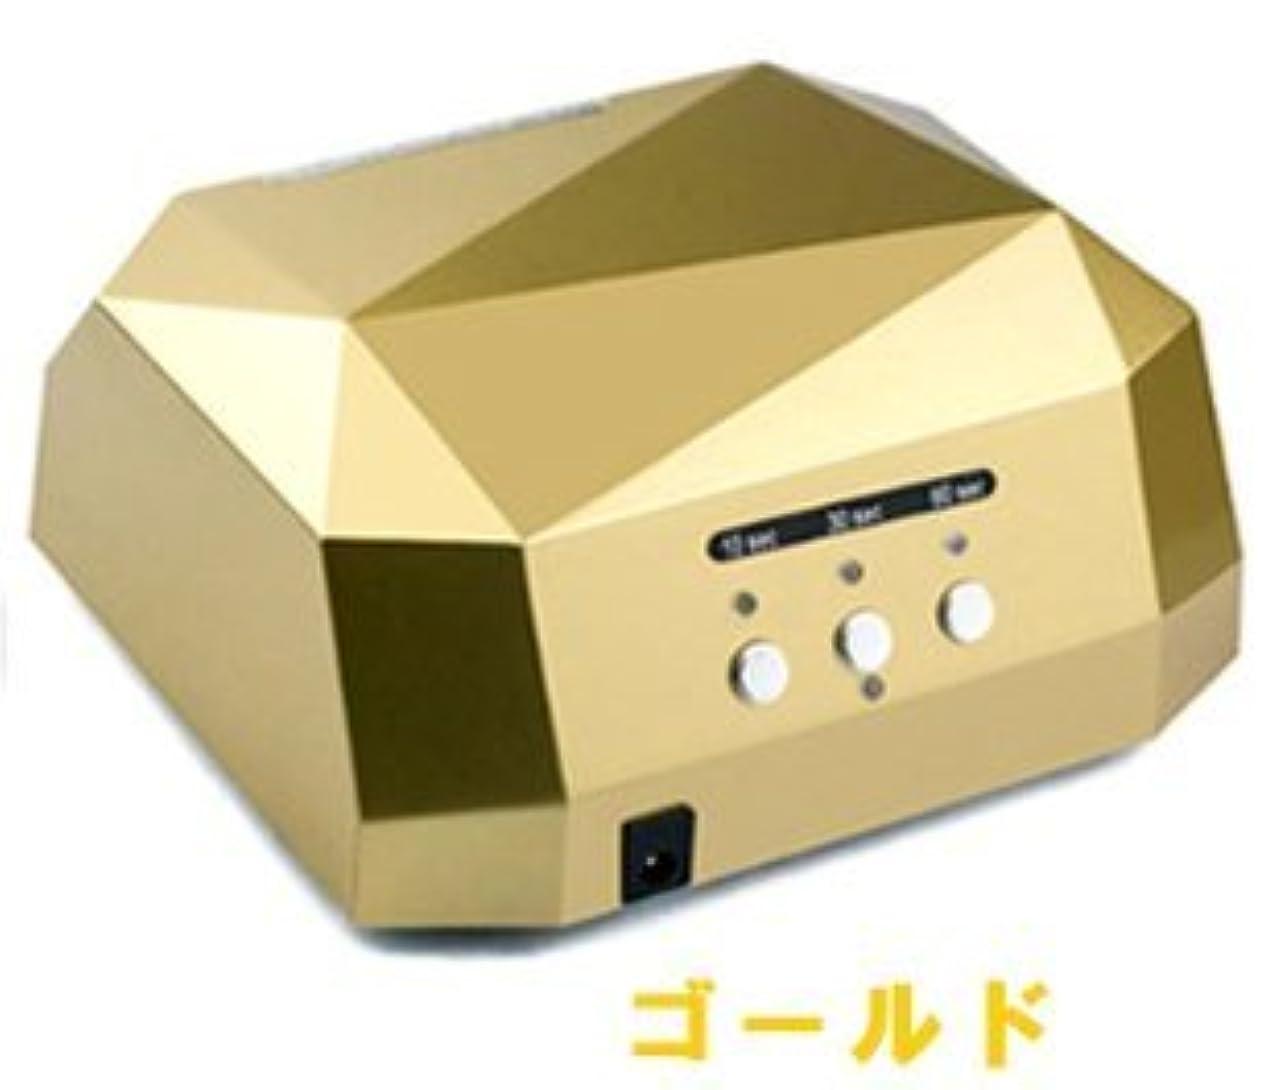 免除する開始おもしろいLED&CCFLダブル搭載 36Wハイパワーライト/ダイヤモンド型/タイマー付き!/自動感知センサー付き!【全4色】 (ゴールド)